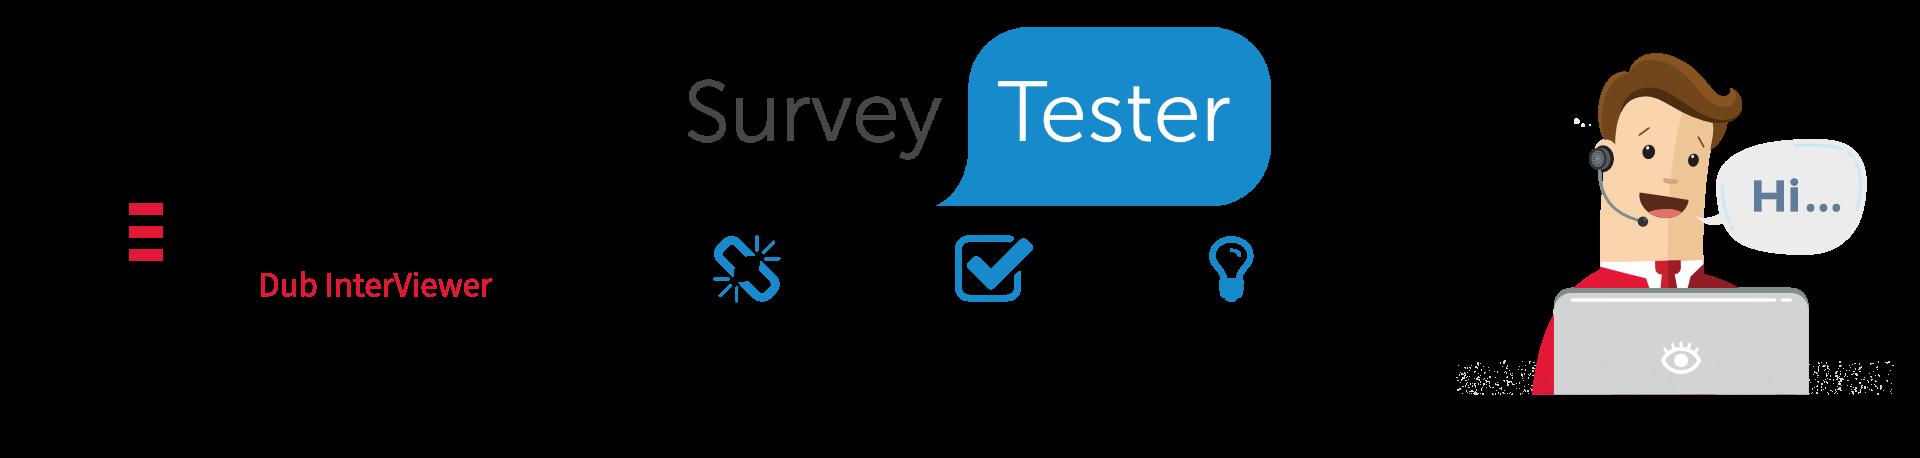 Key benefits of using SurveyTester